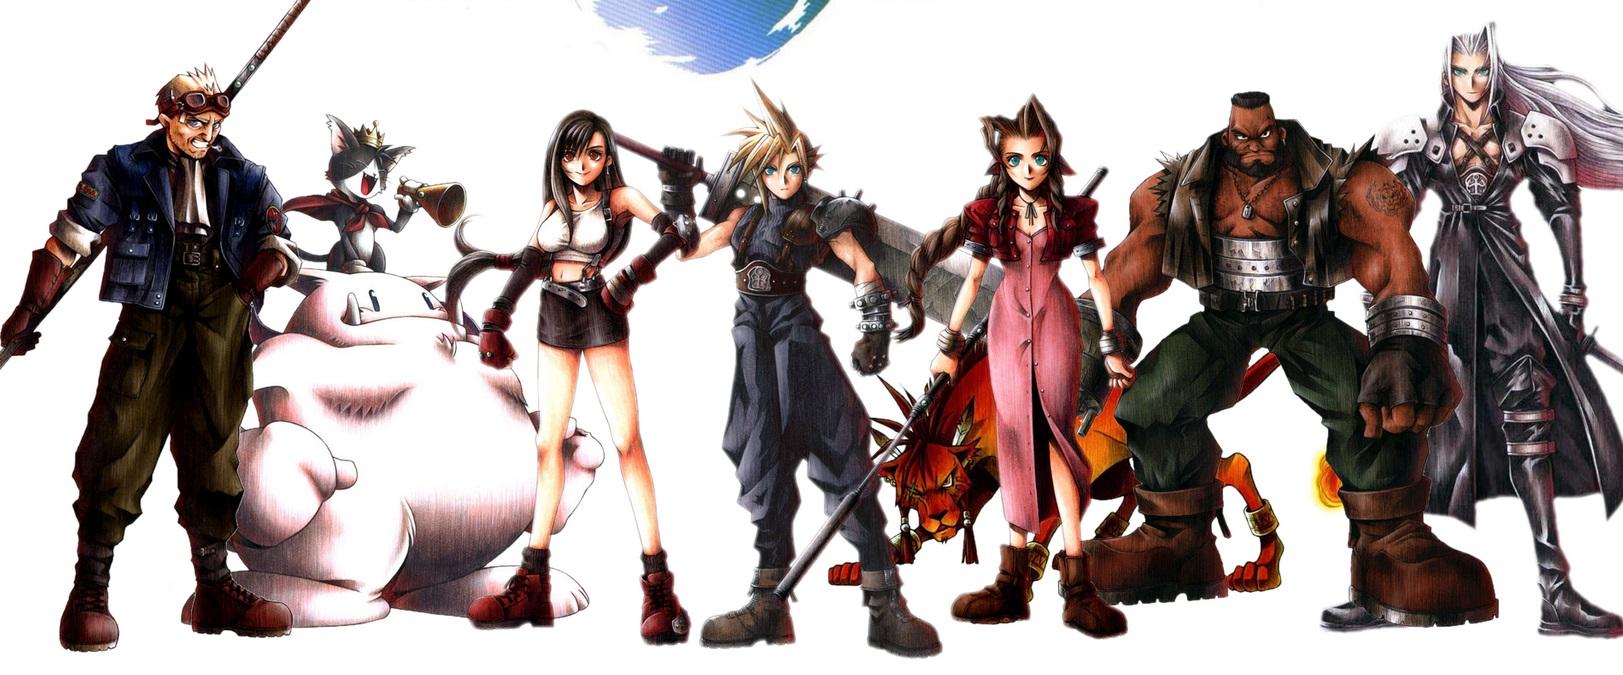 5 cenas de Final Fantasy VII que devem ficar impressionantes no remake